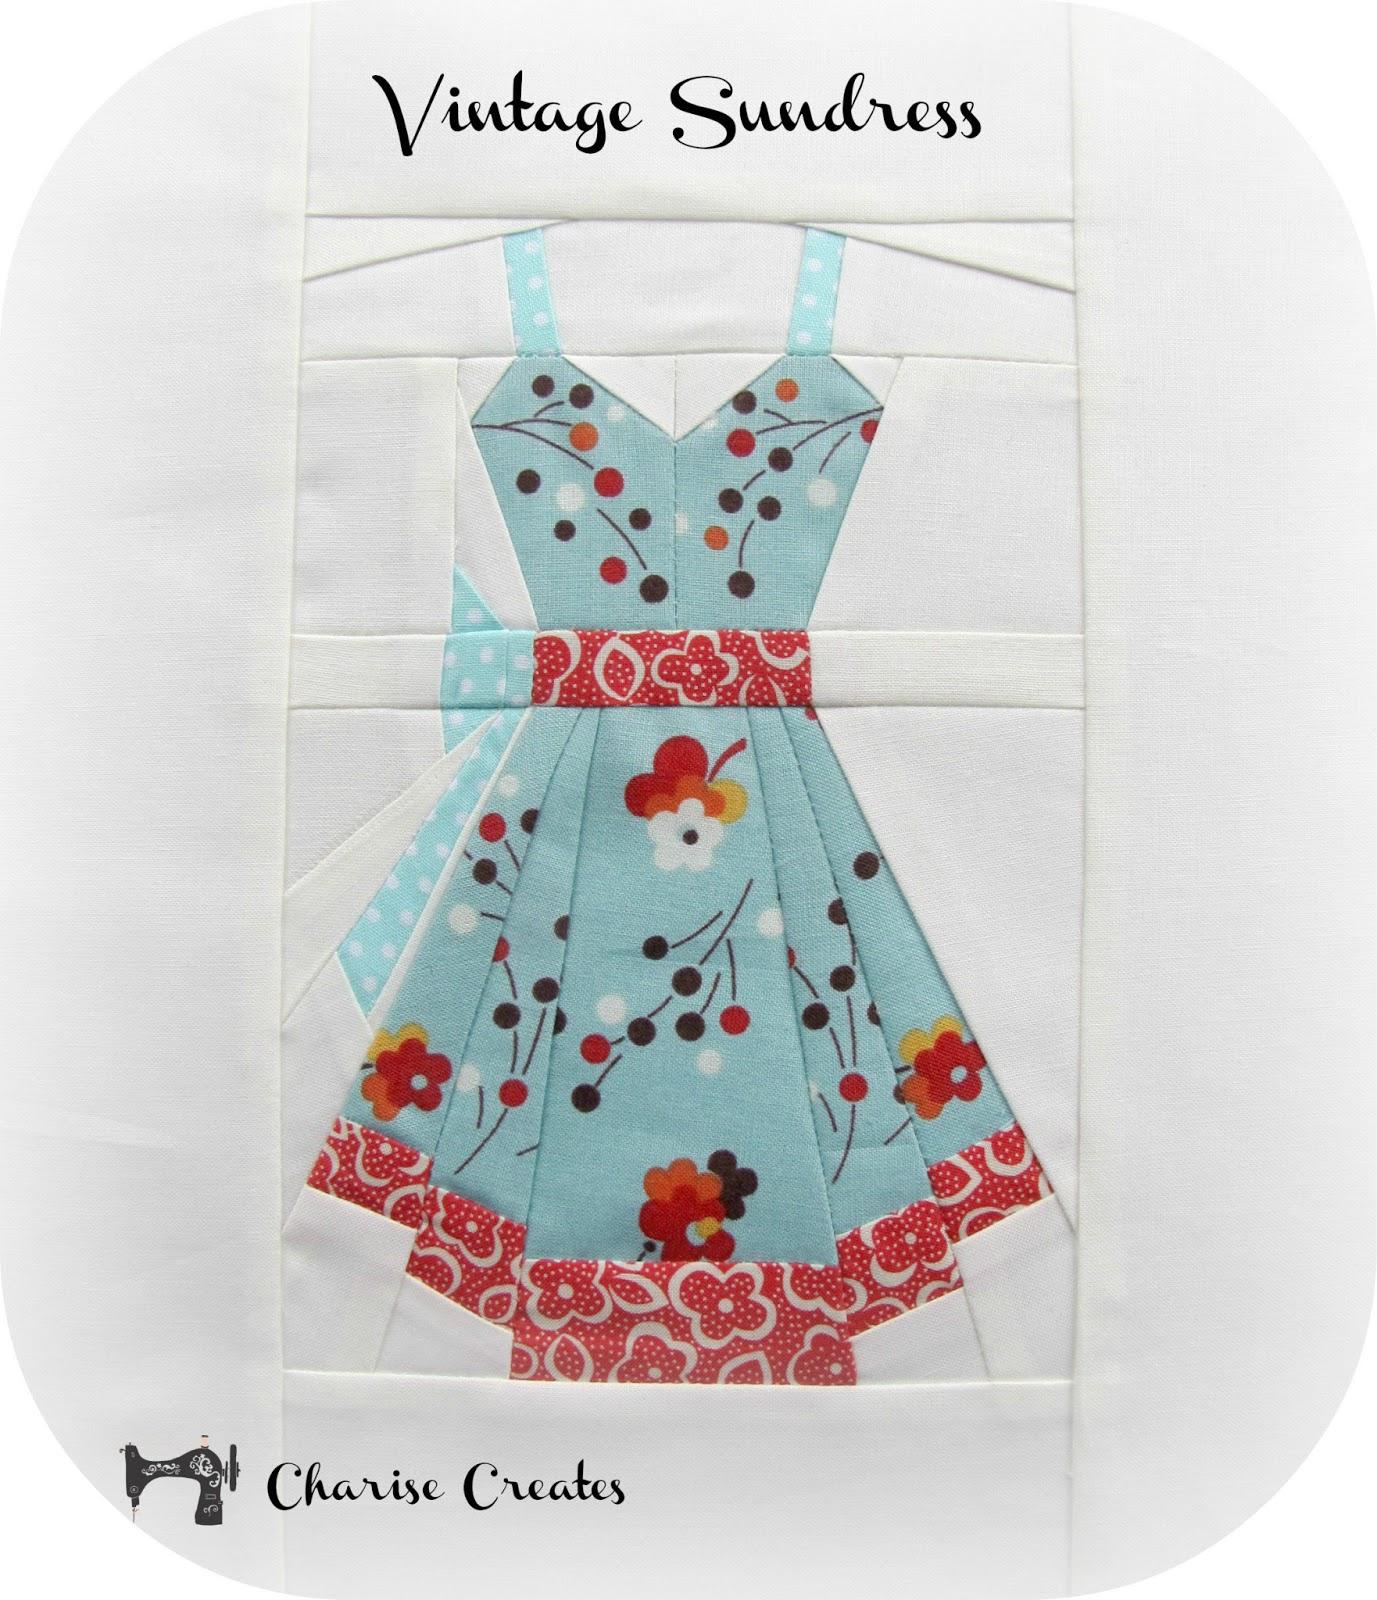 Vintage Sundress - Dress images